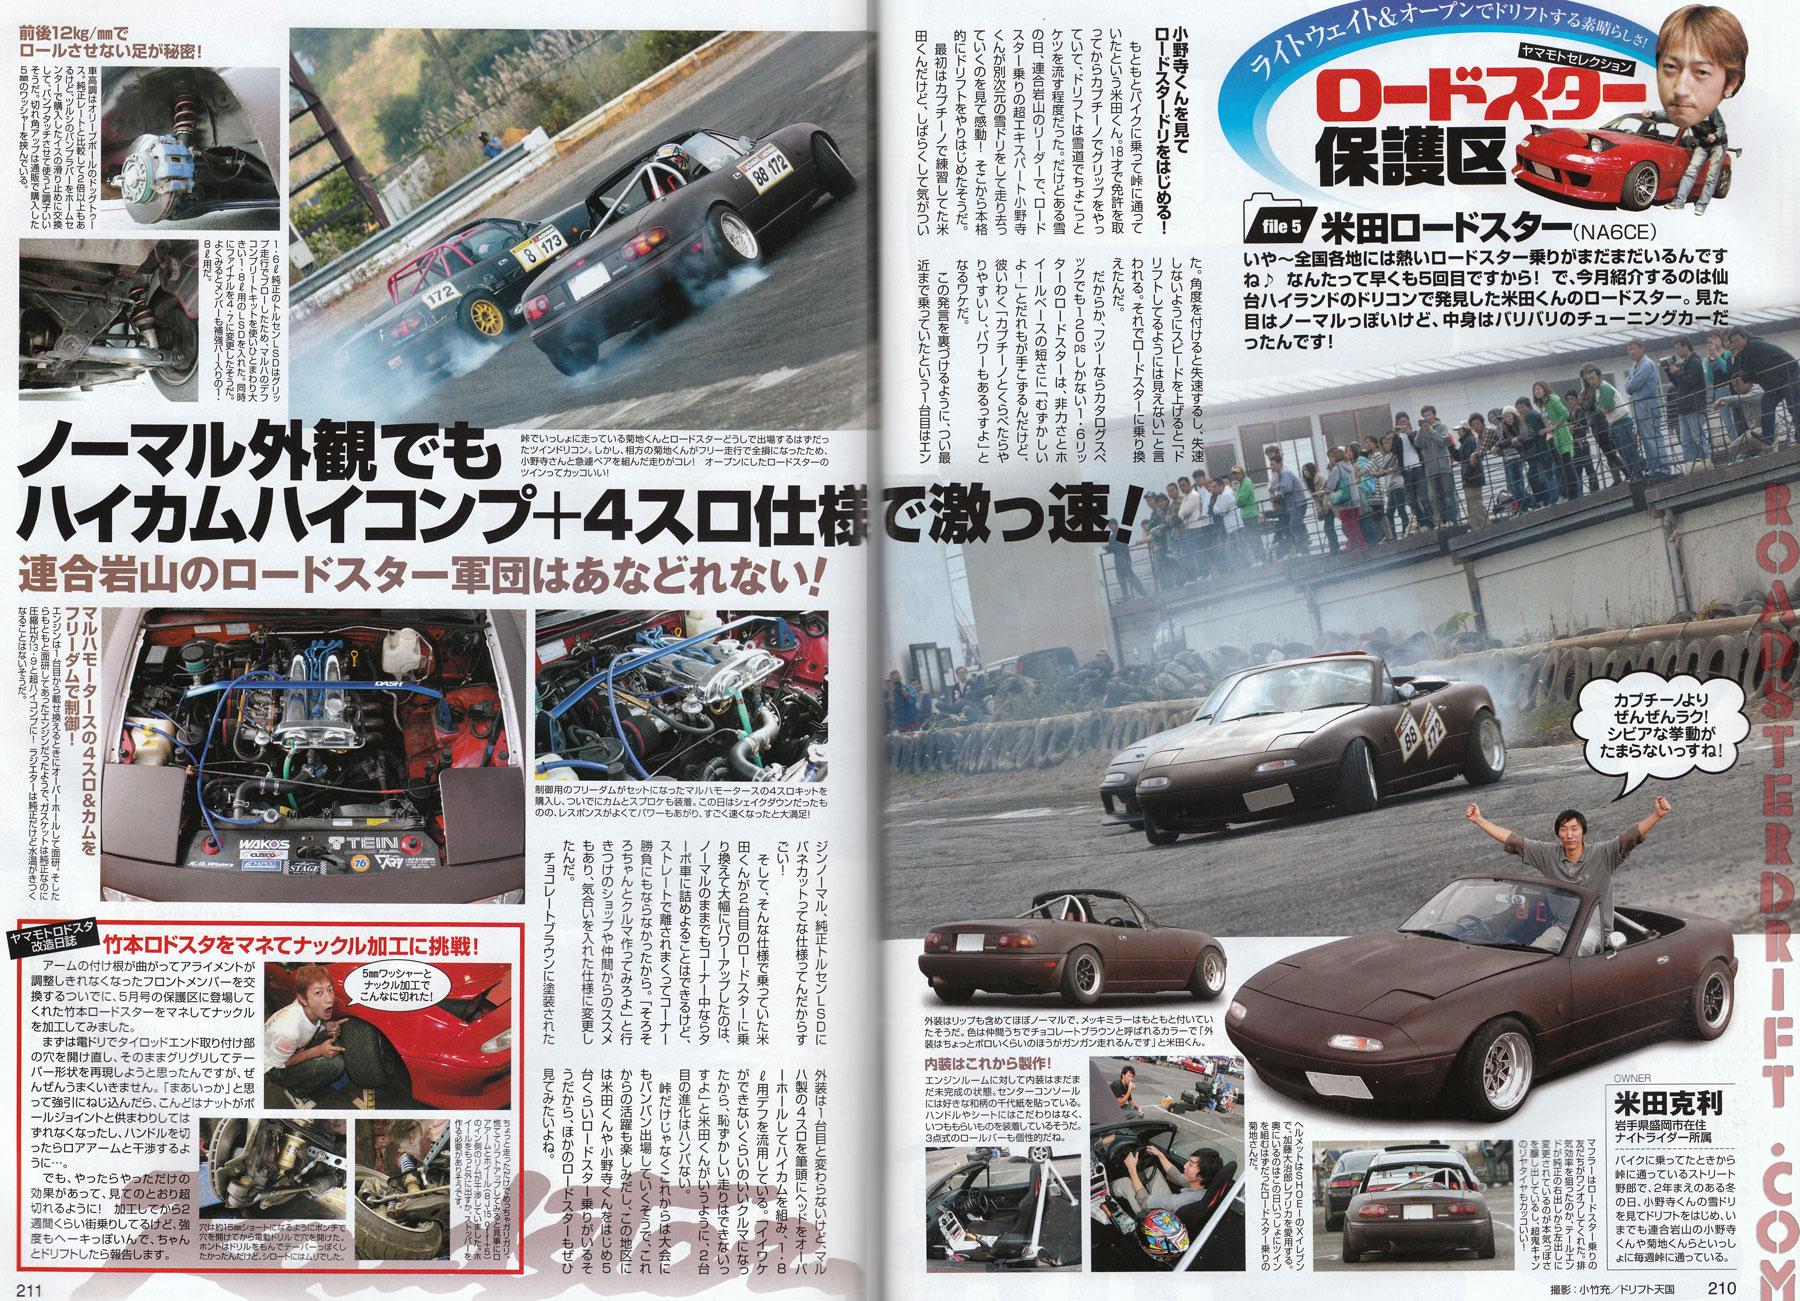 rd_tengoku_5.jpg